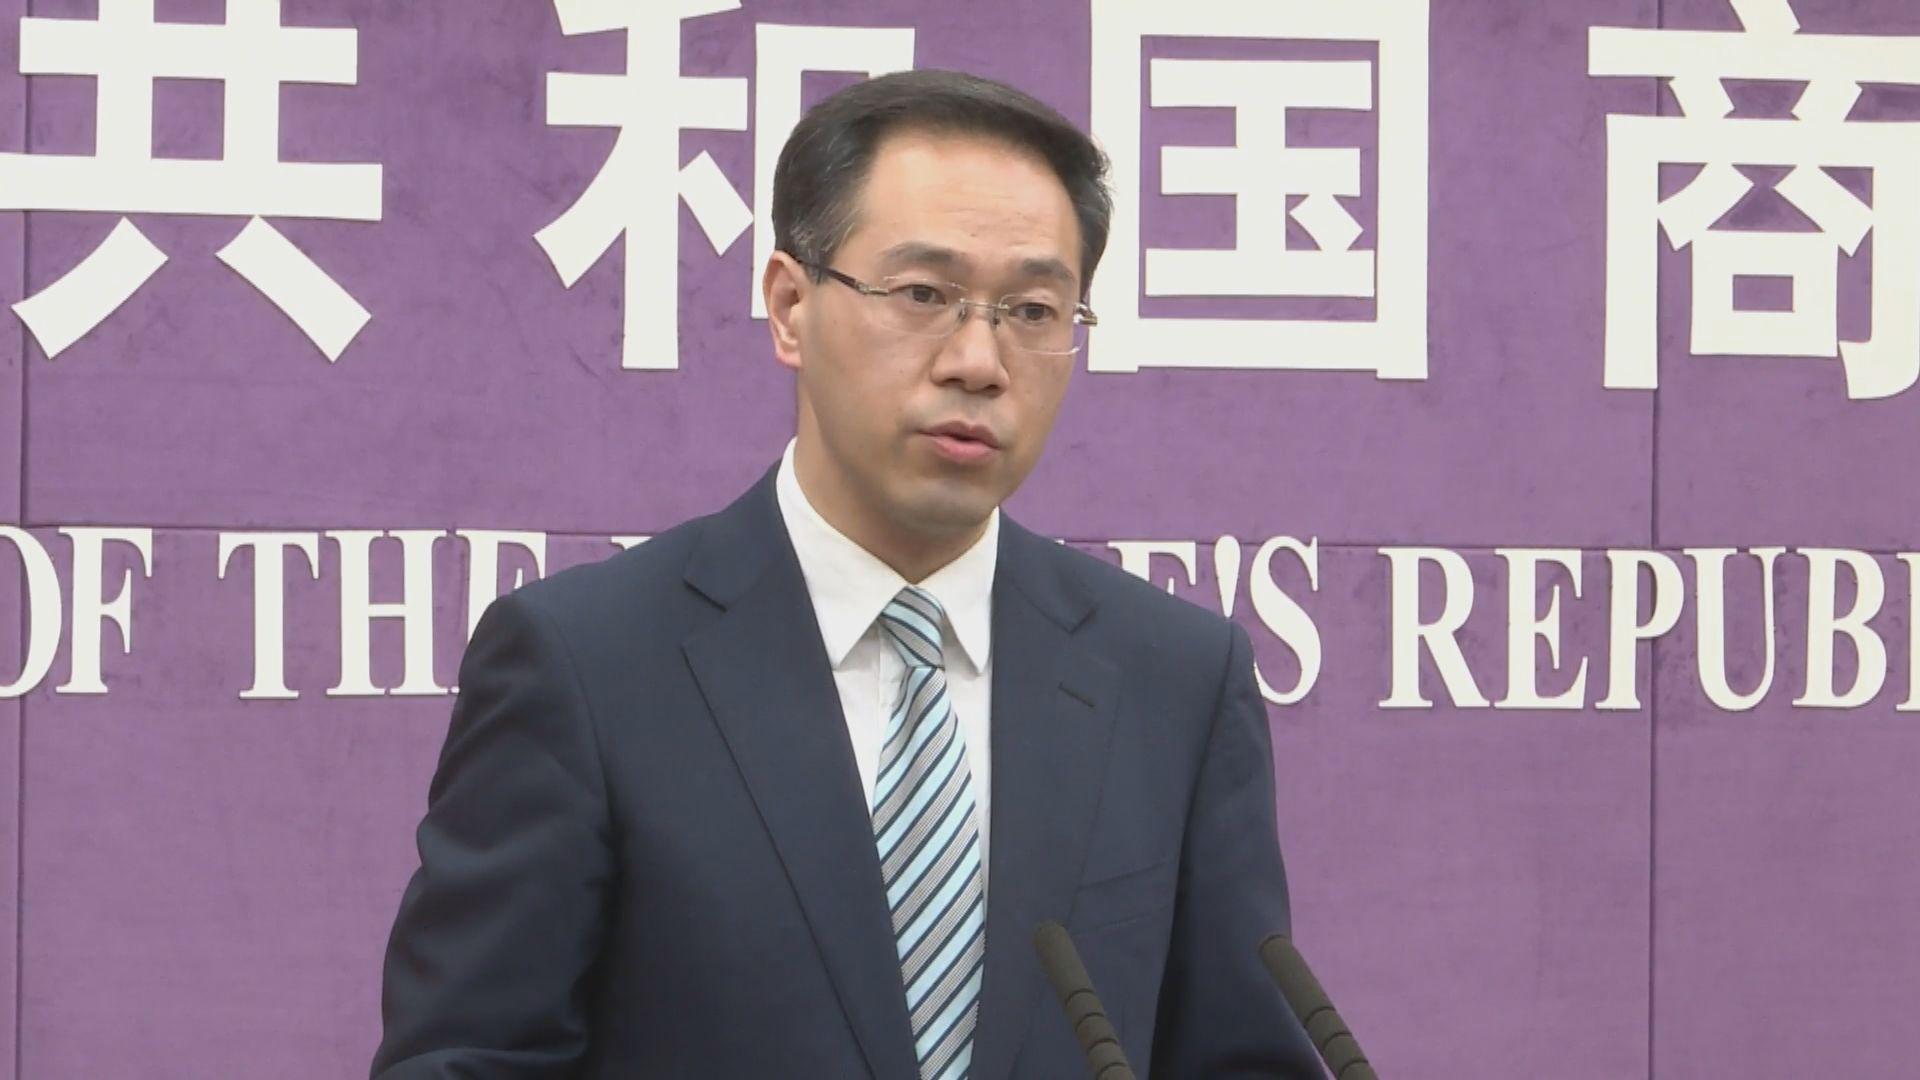 【中美科技戰】商務部:難以接受利用中國出口稀土打壓